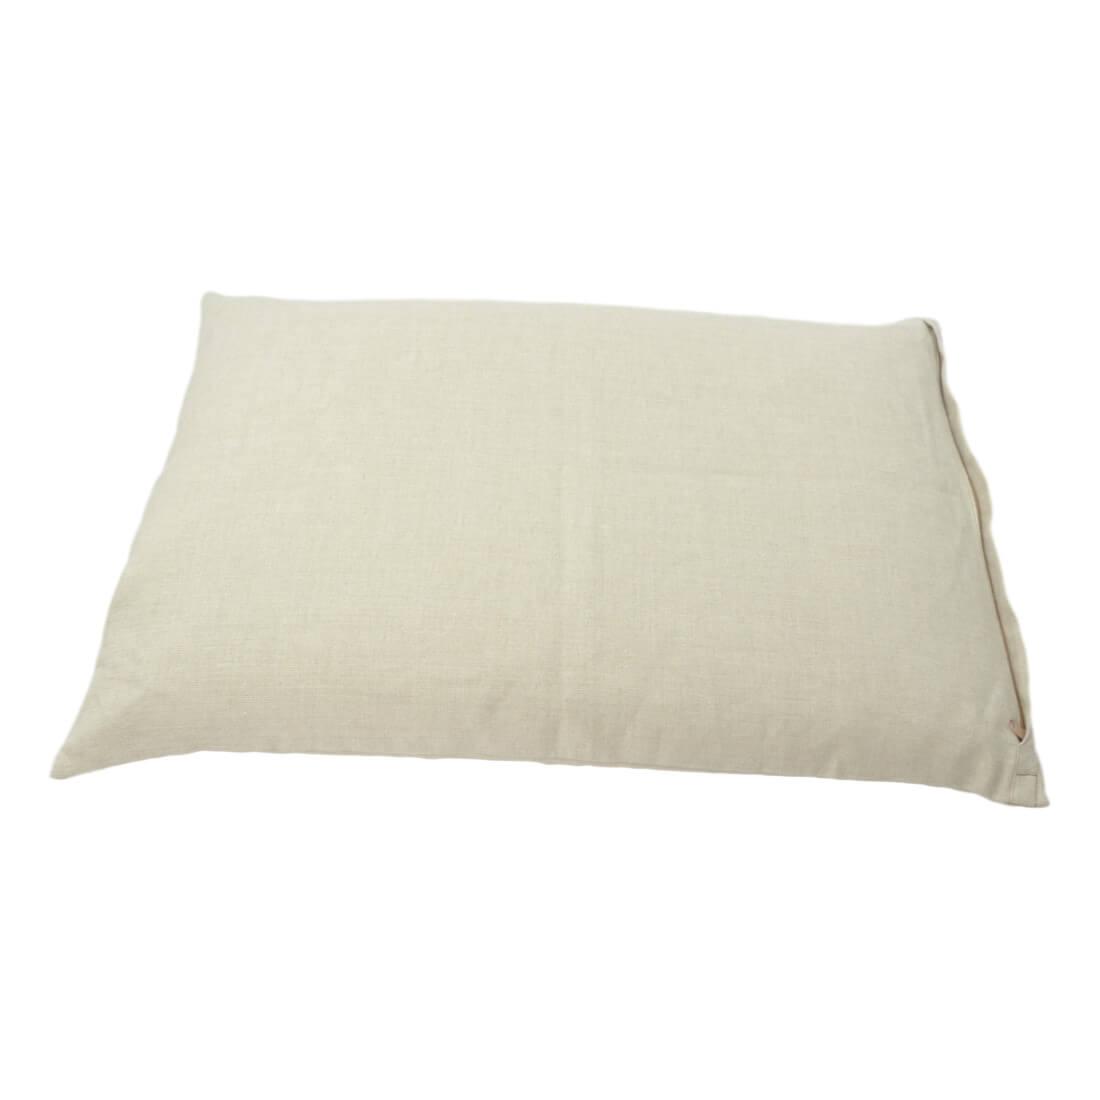 Pohankový polštář 60x40 cm natural